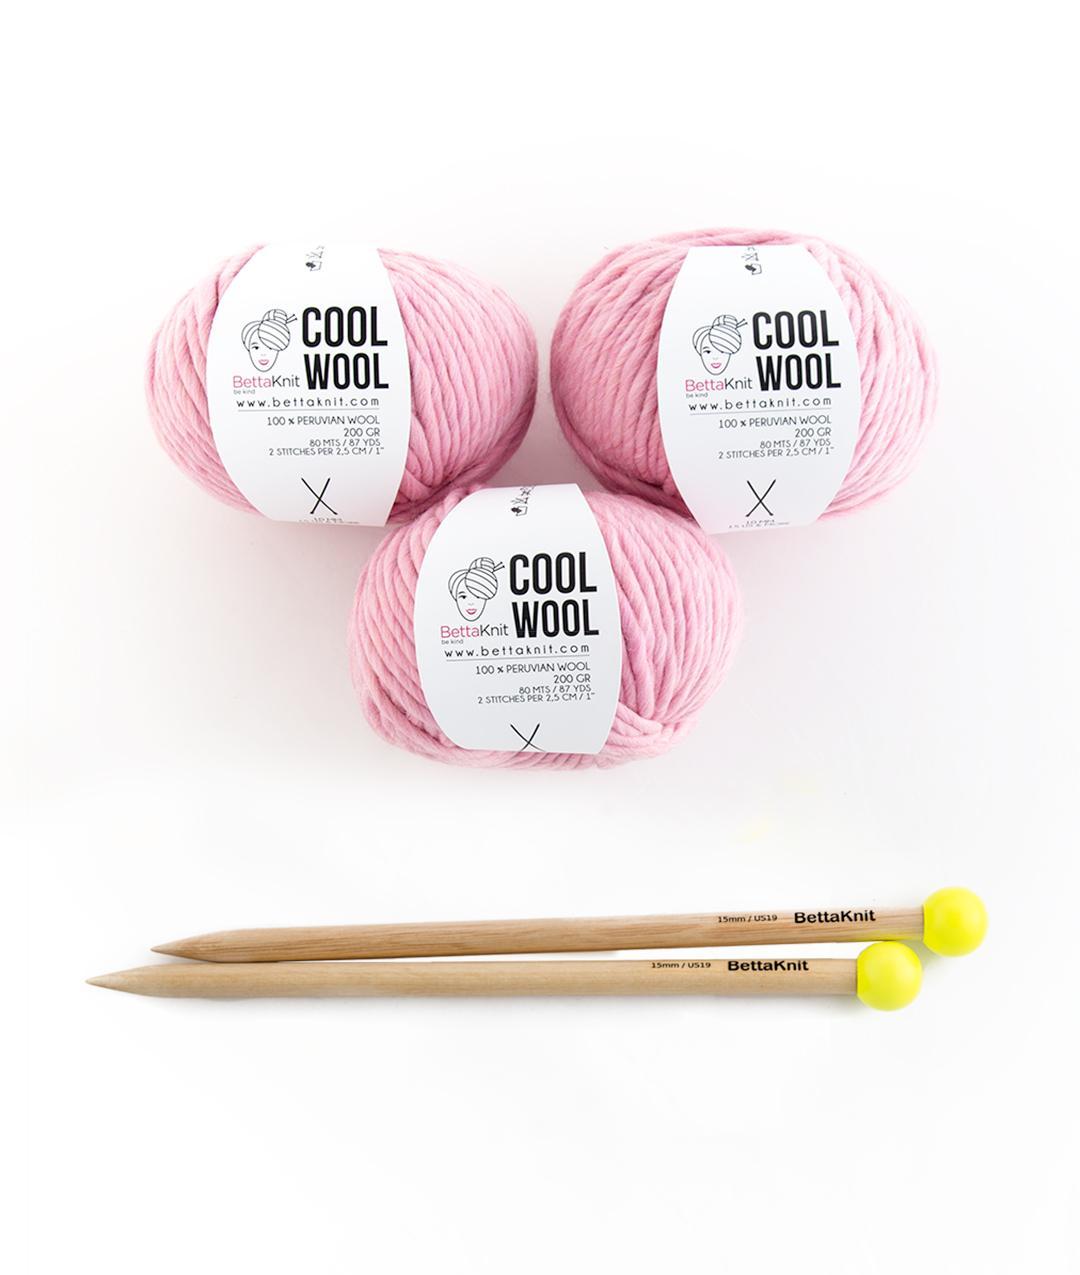 Gomitoli con ferri - Confezioni di filato - Cool Wool Box - Medium - 1